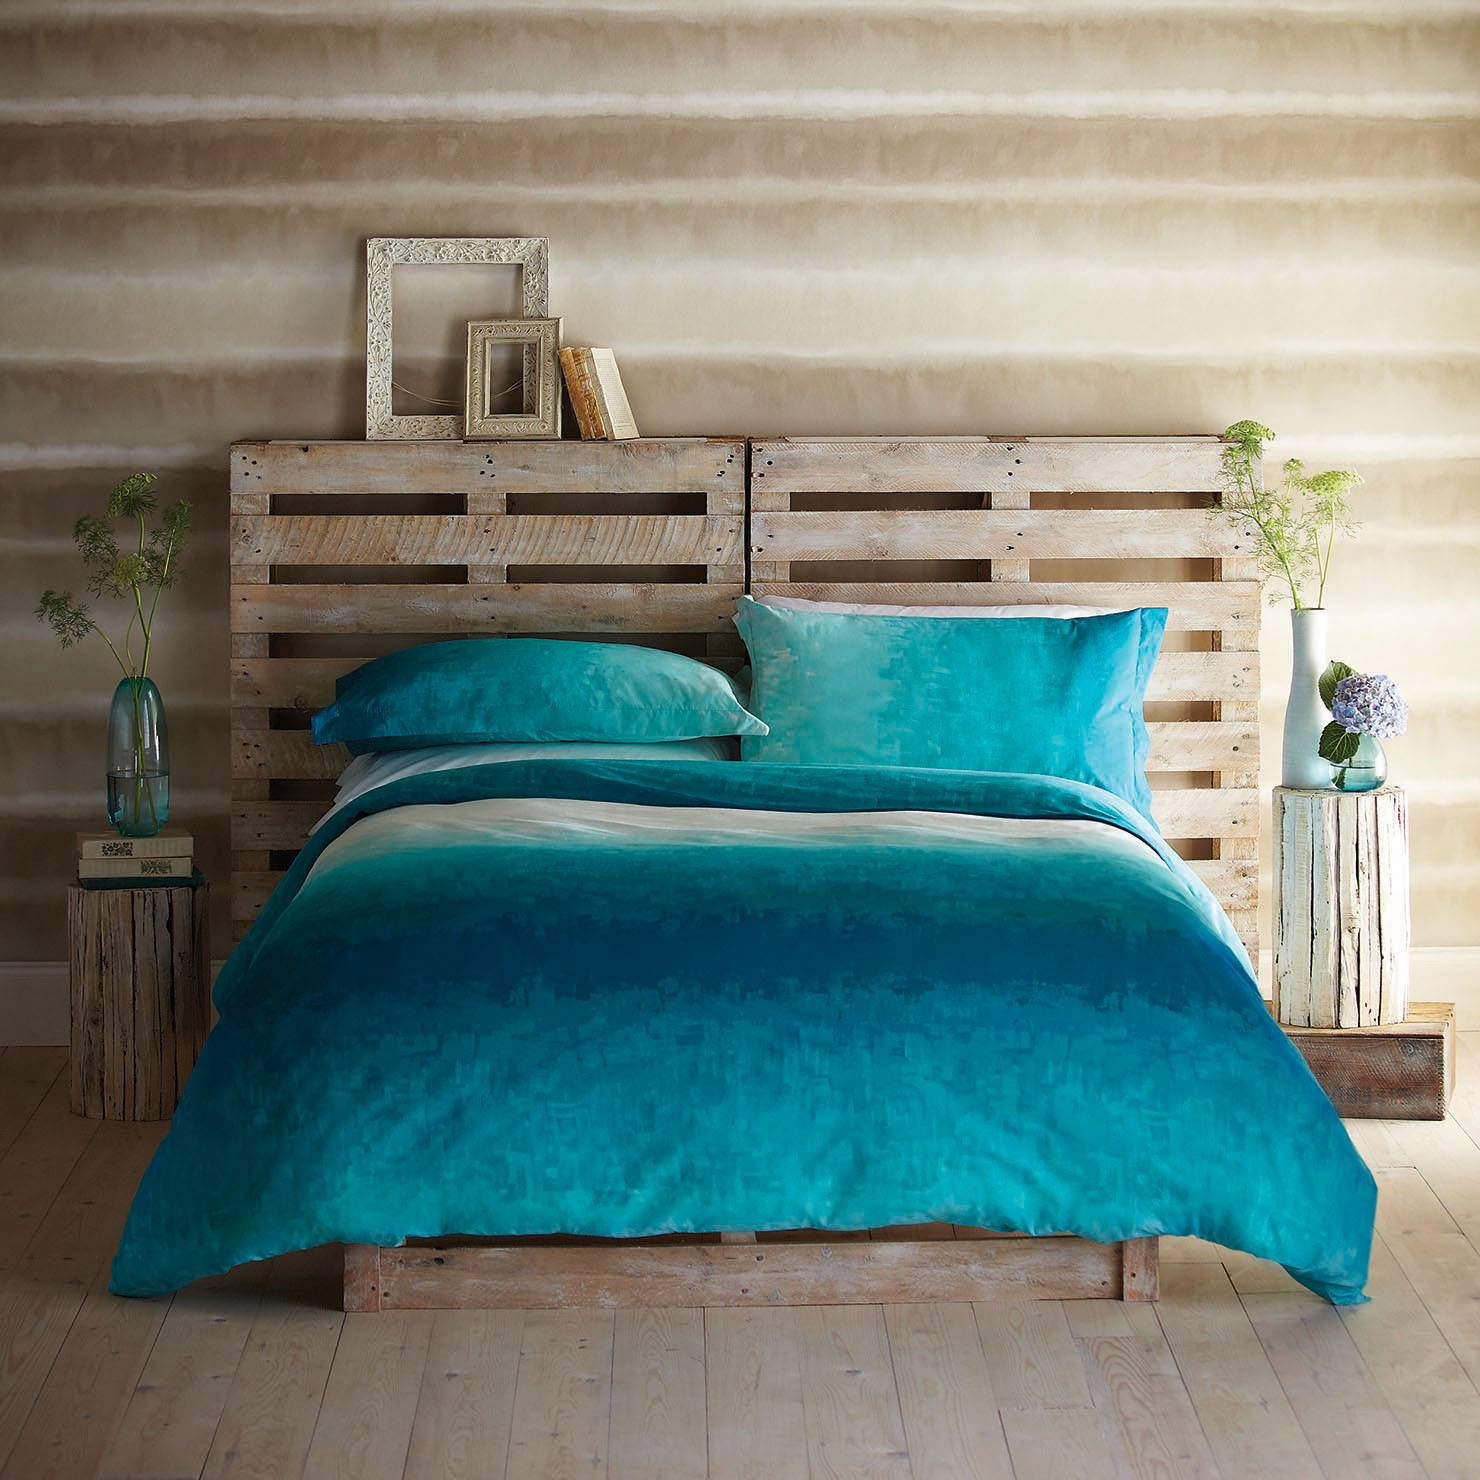 Escolha uma roupa de cama especial que se destaque na composição